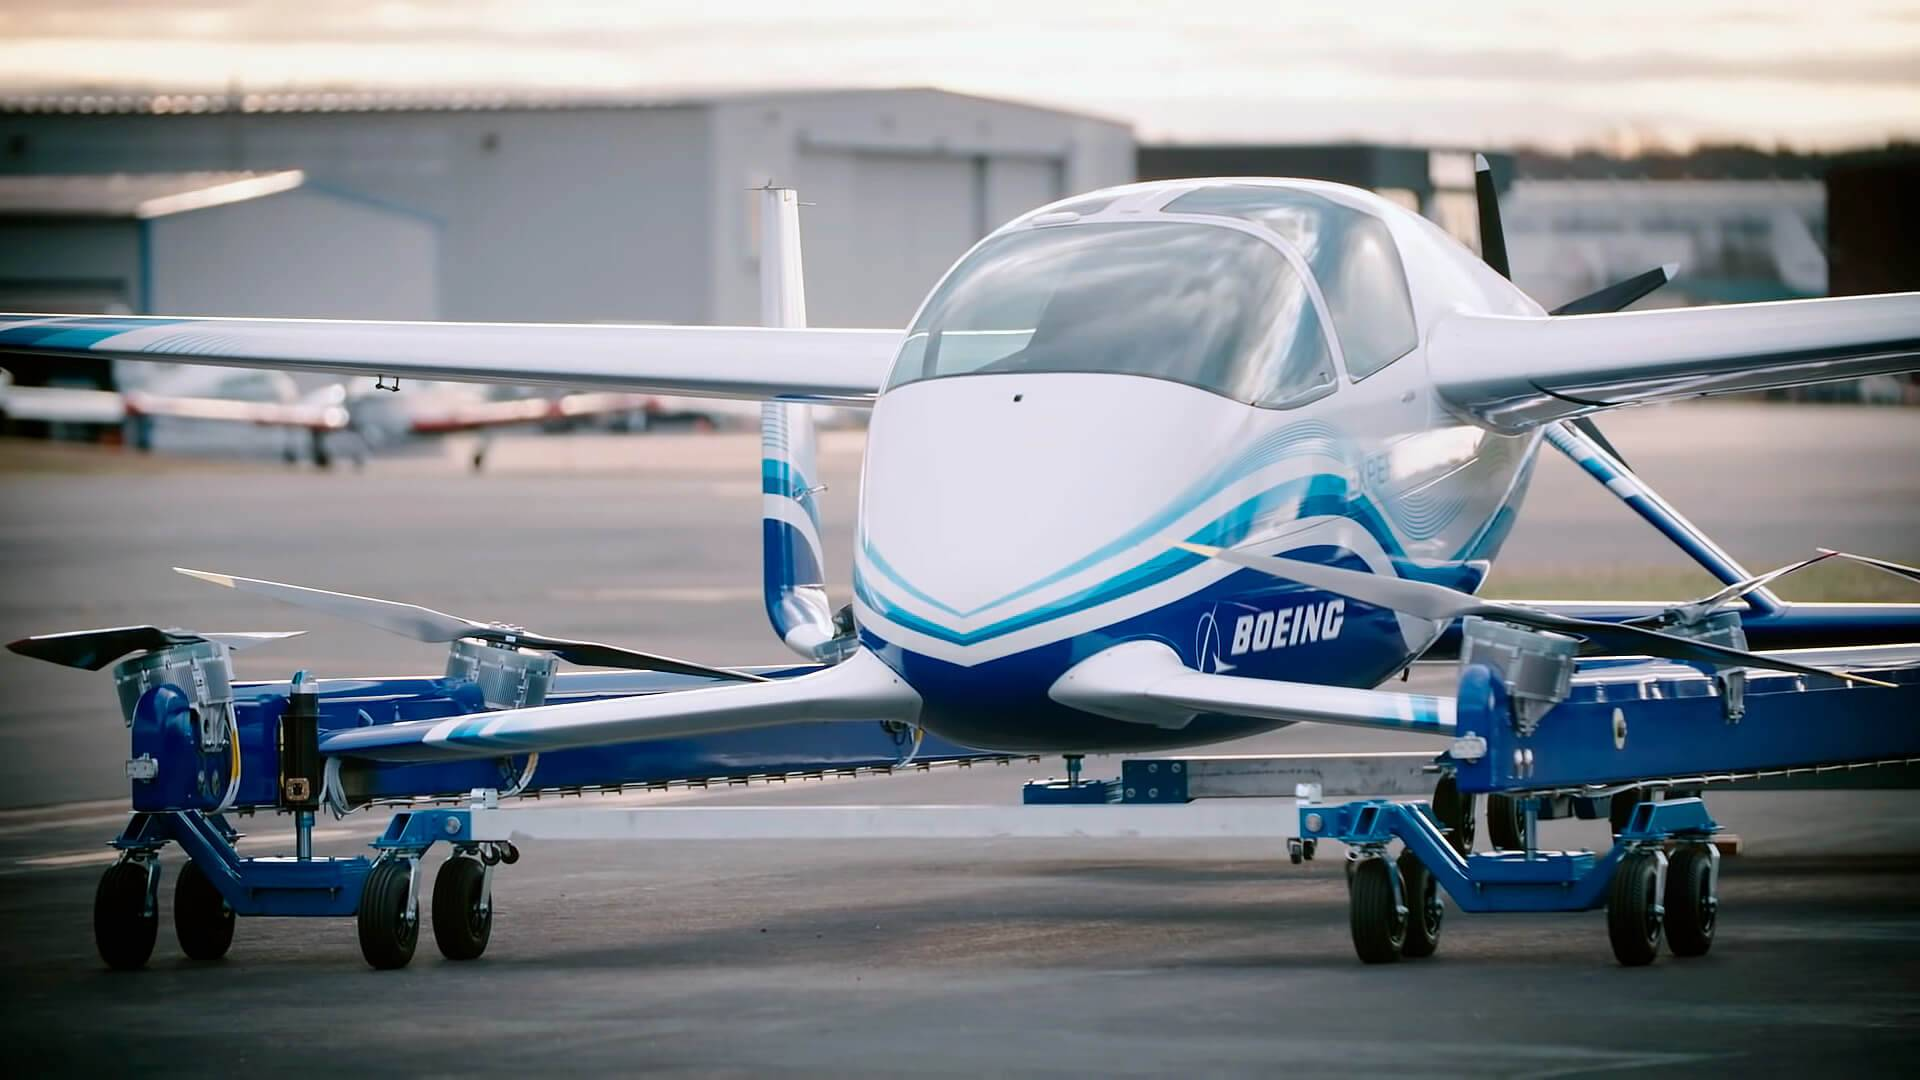 Битва за лидерство в небе. airbus против boeing